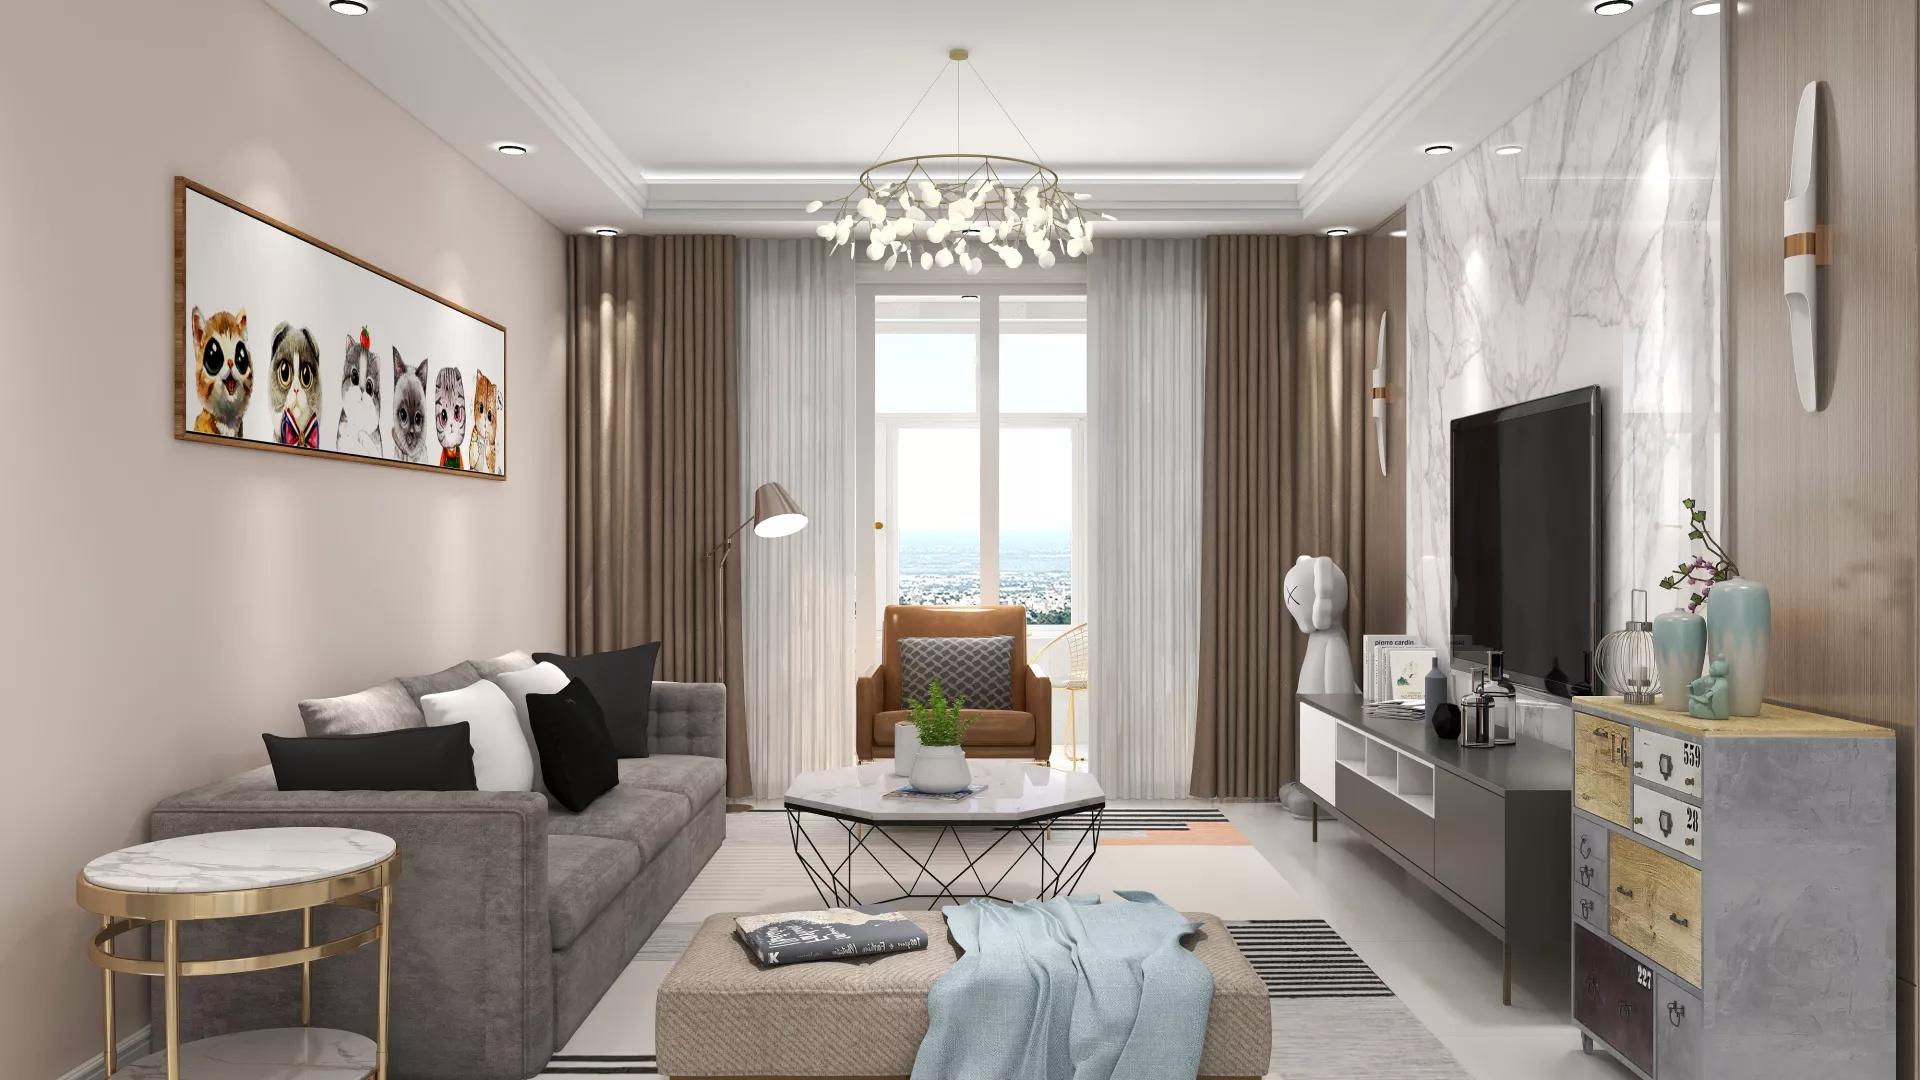 三居室美式风格家居装修效果图